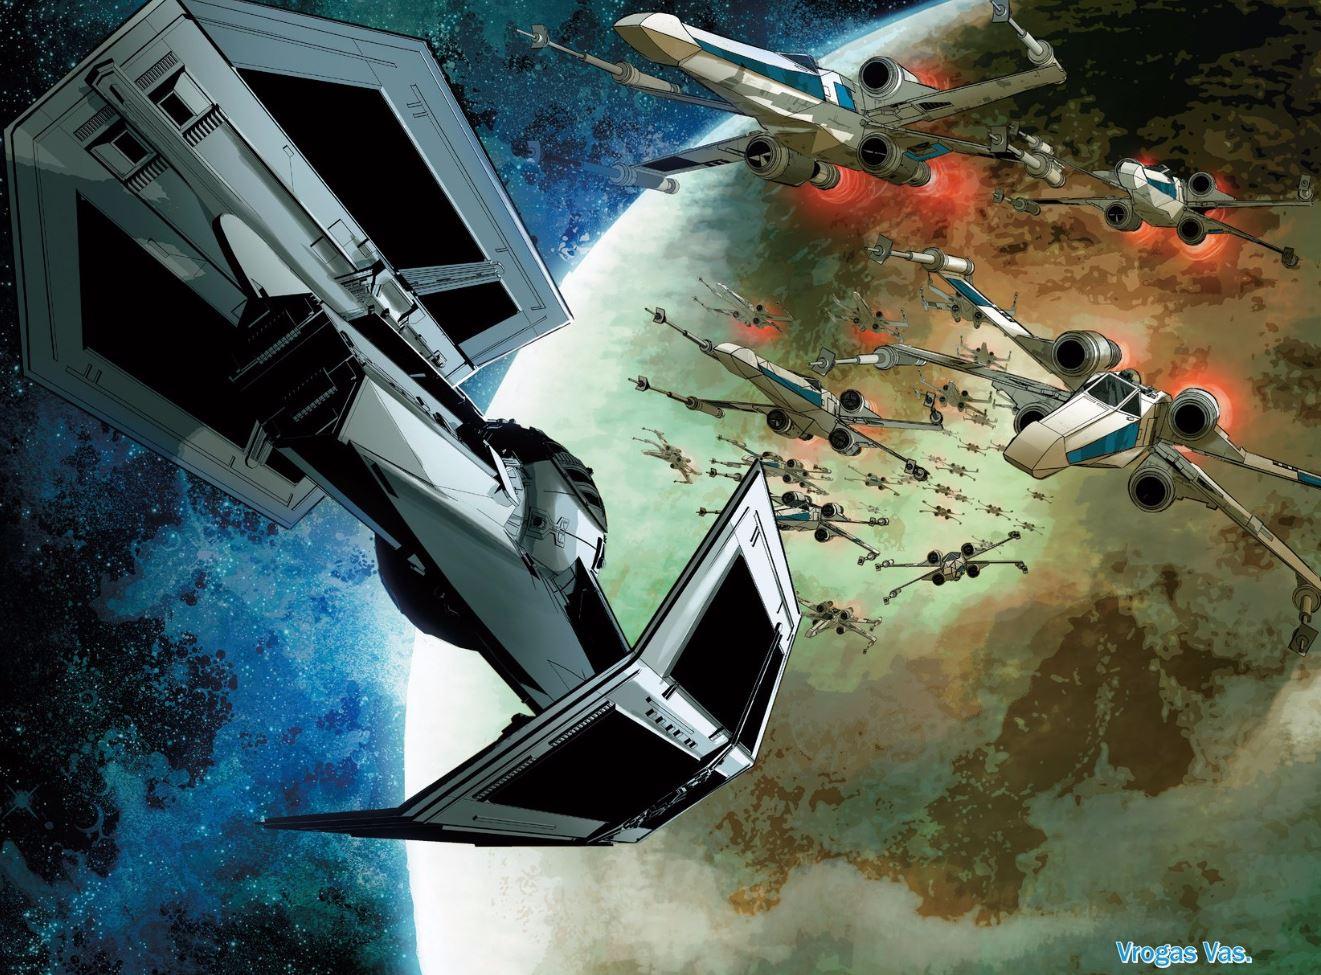 Vader vs. Rebels